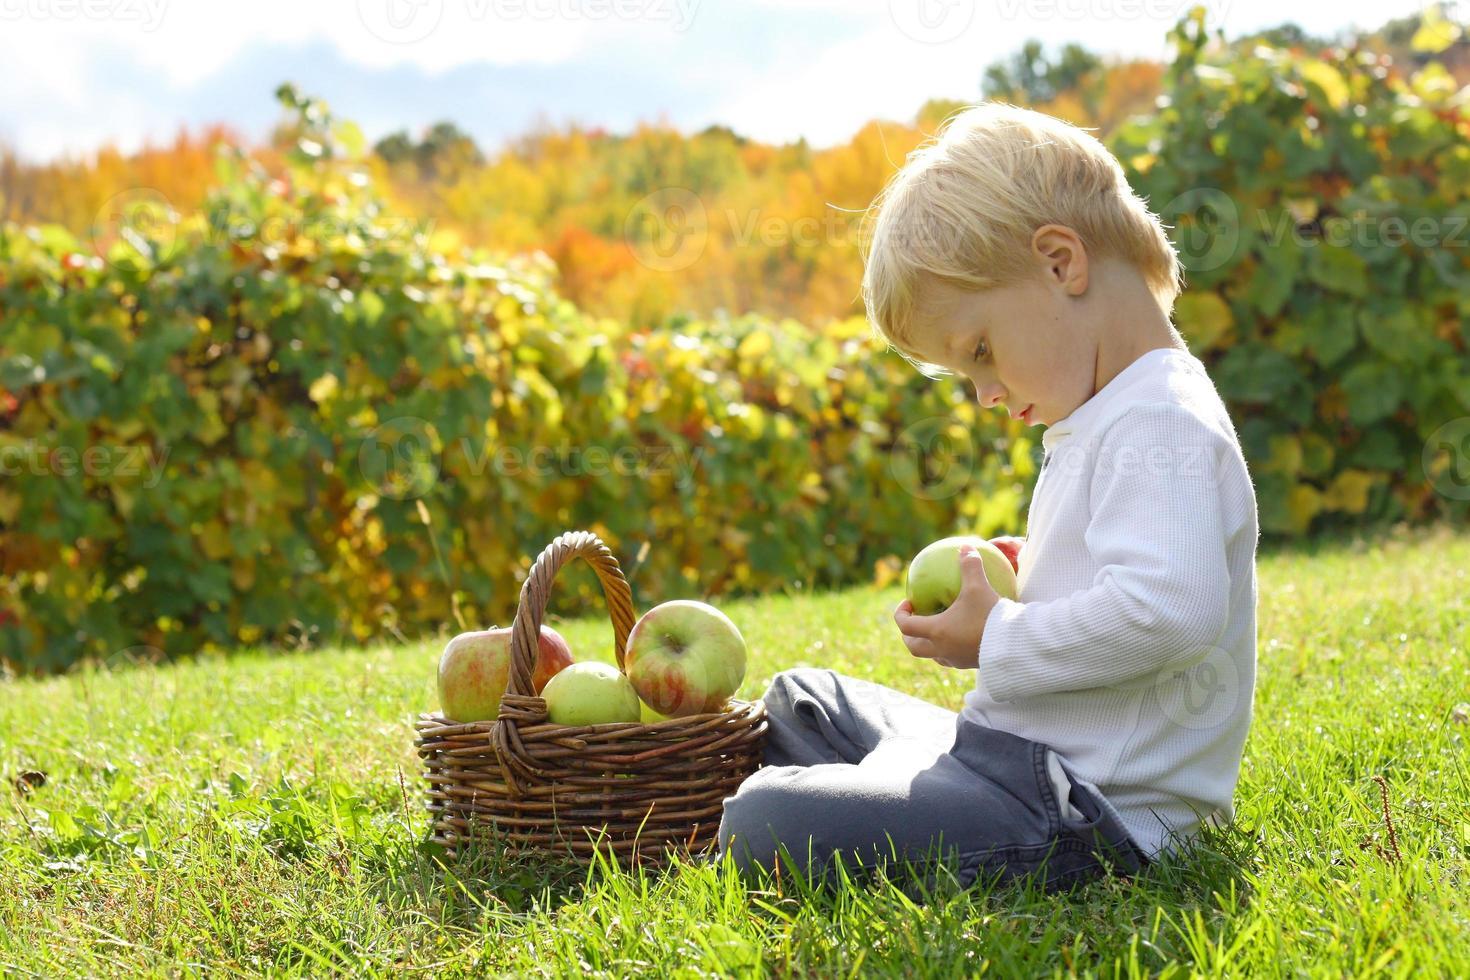 criança brincando com maçãs no pomar foto